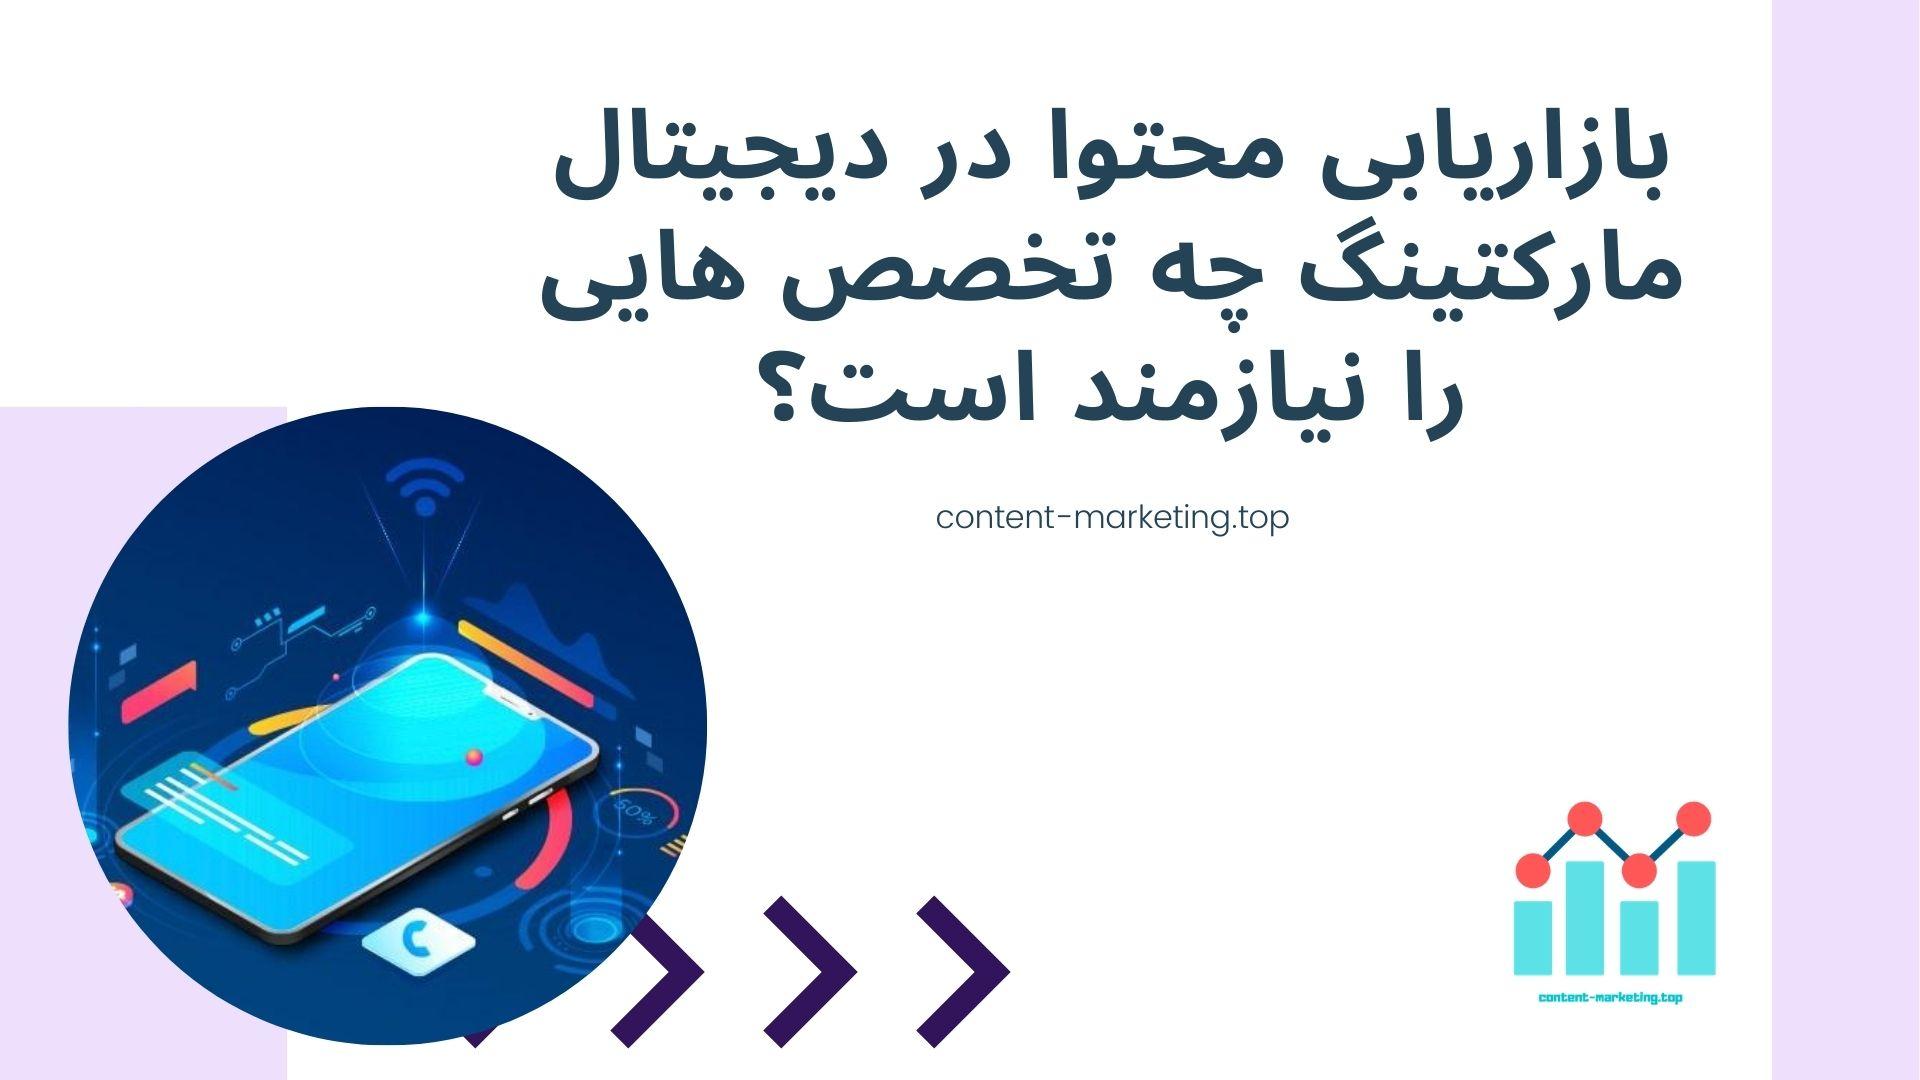 بازاریابی محتوا در دیجیتال مارکتینگ چه تخصص هایی را نیازمند است؟